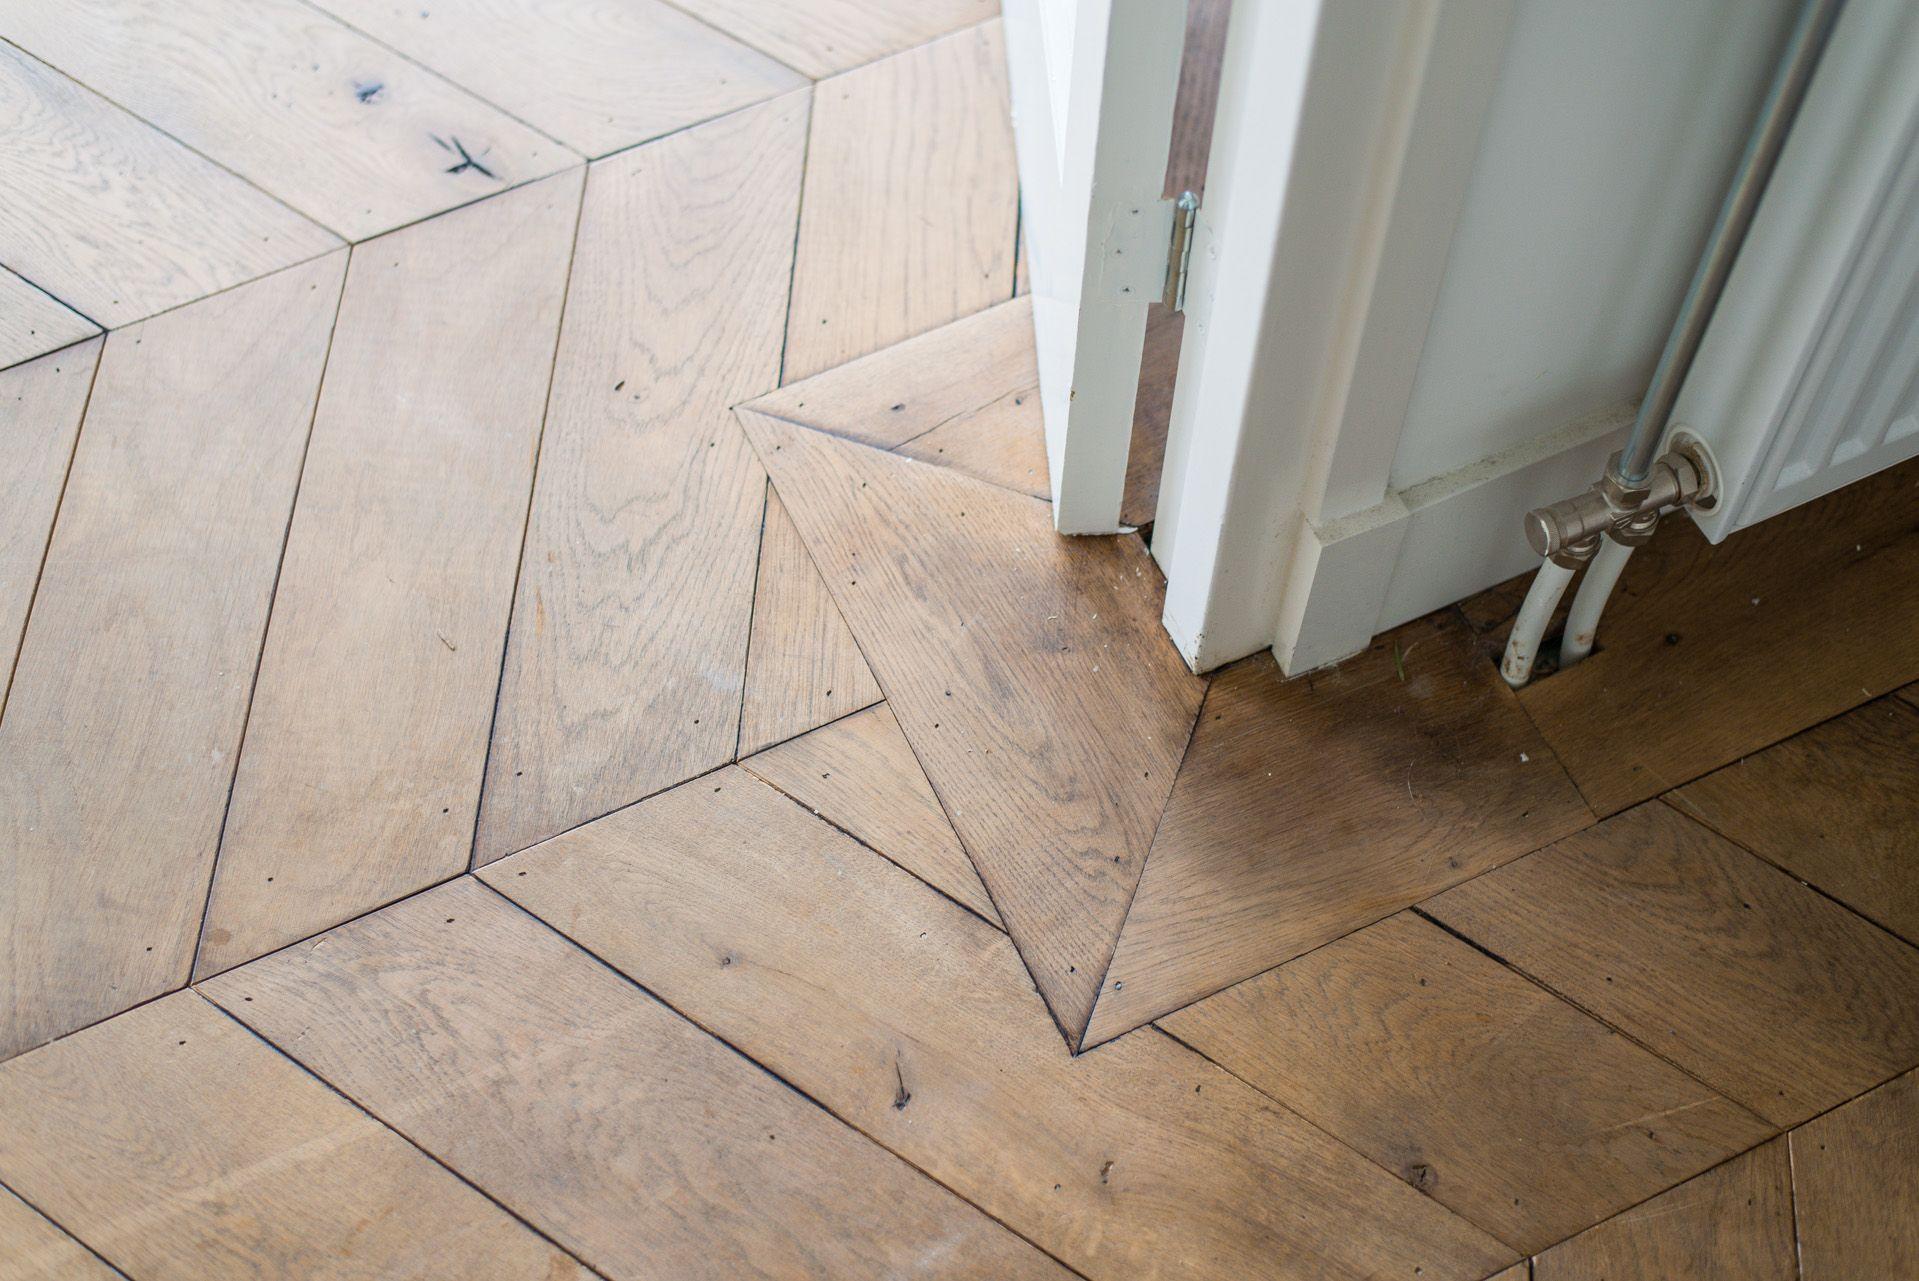 Pvc Vloer Visgraatmotief : Visgraat vloer floor vloeren visgraat and binnentuin